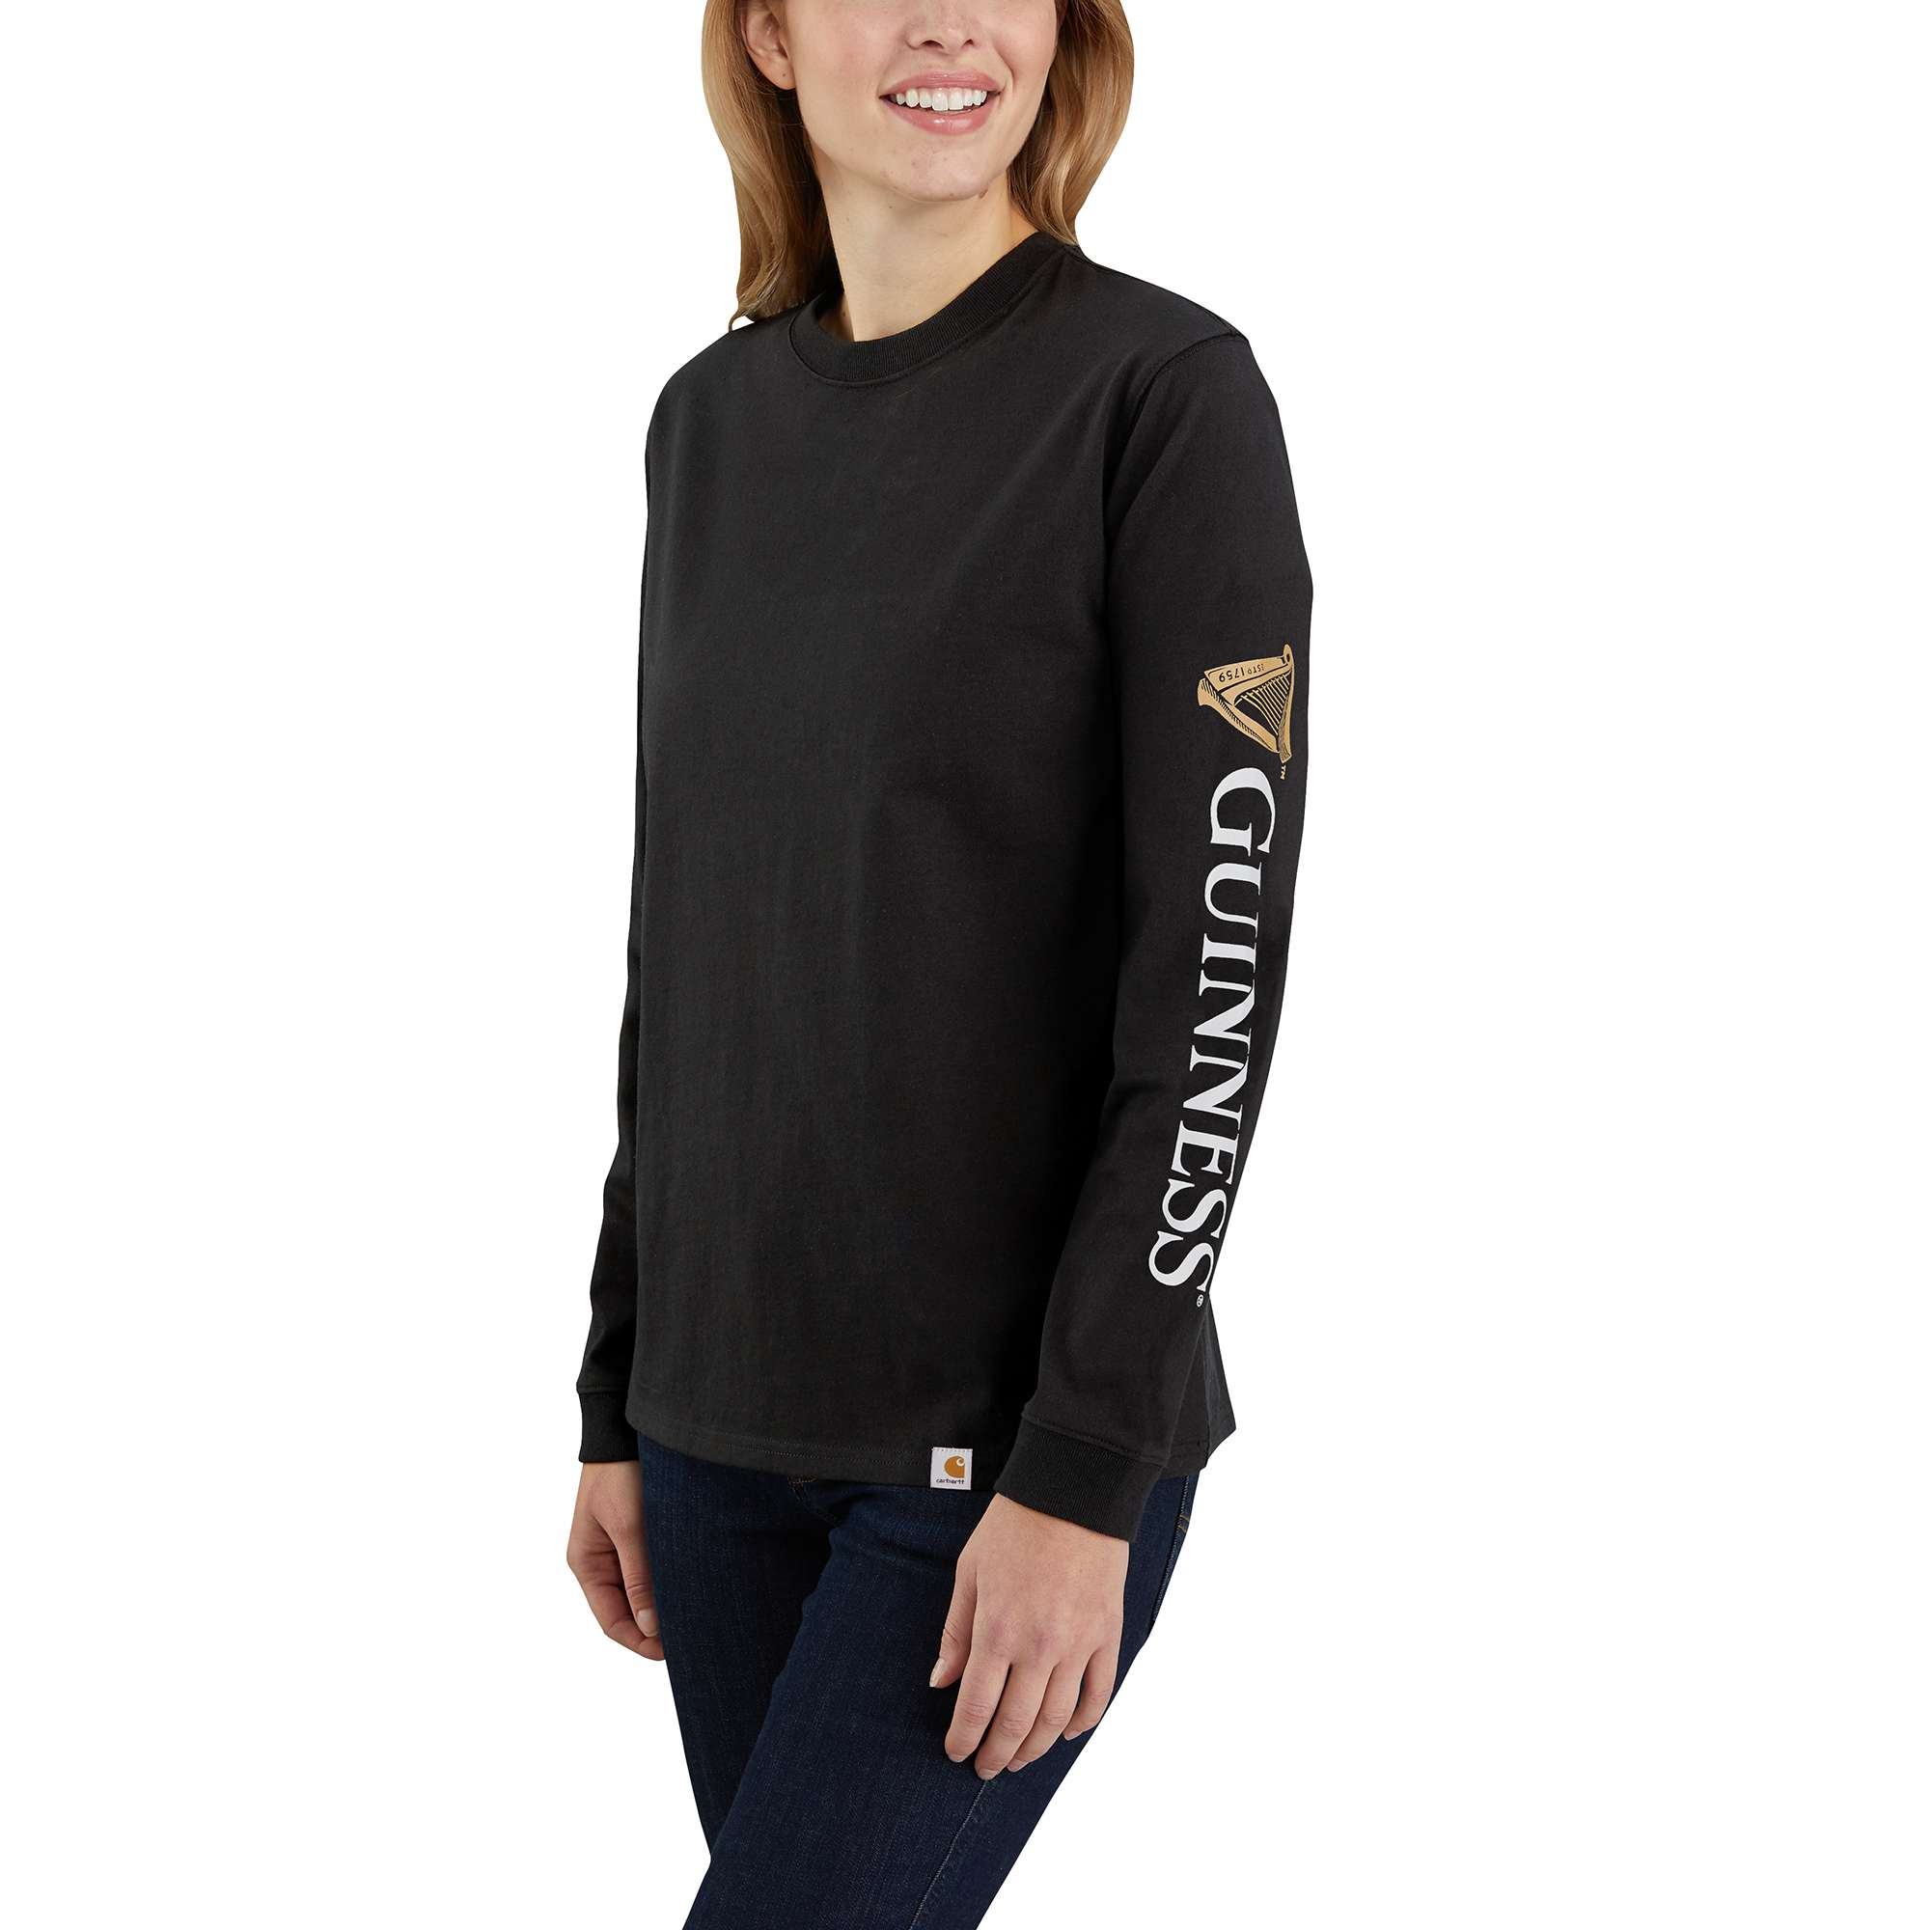 Carhartt Original Fit Heavyweight Guinness Graphic Long-Sleeve T-Shirt